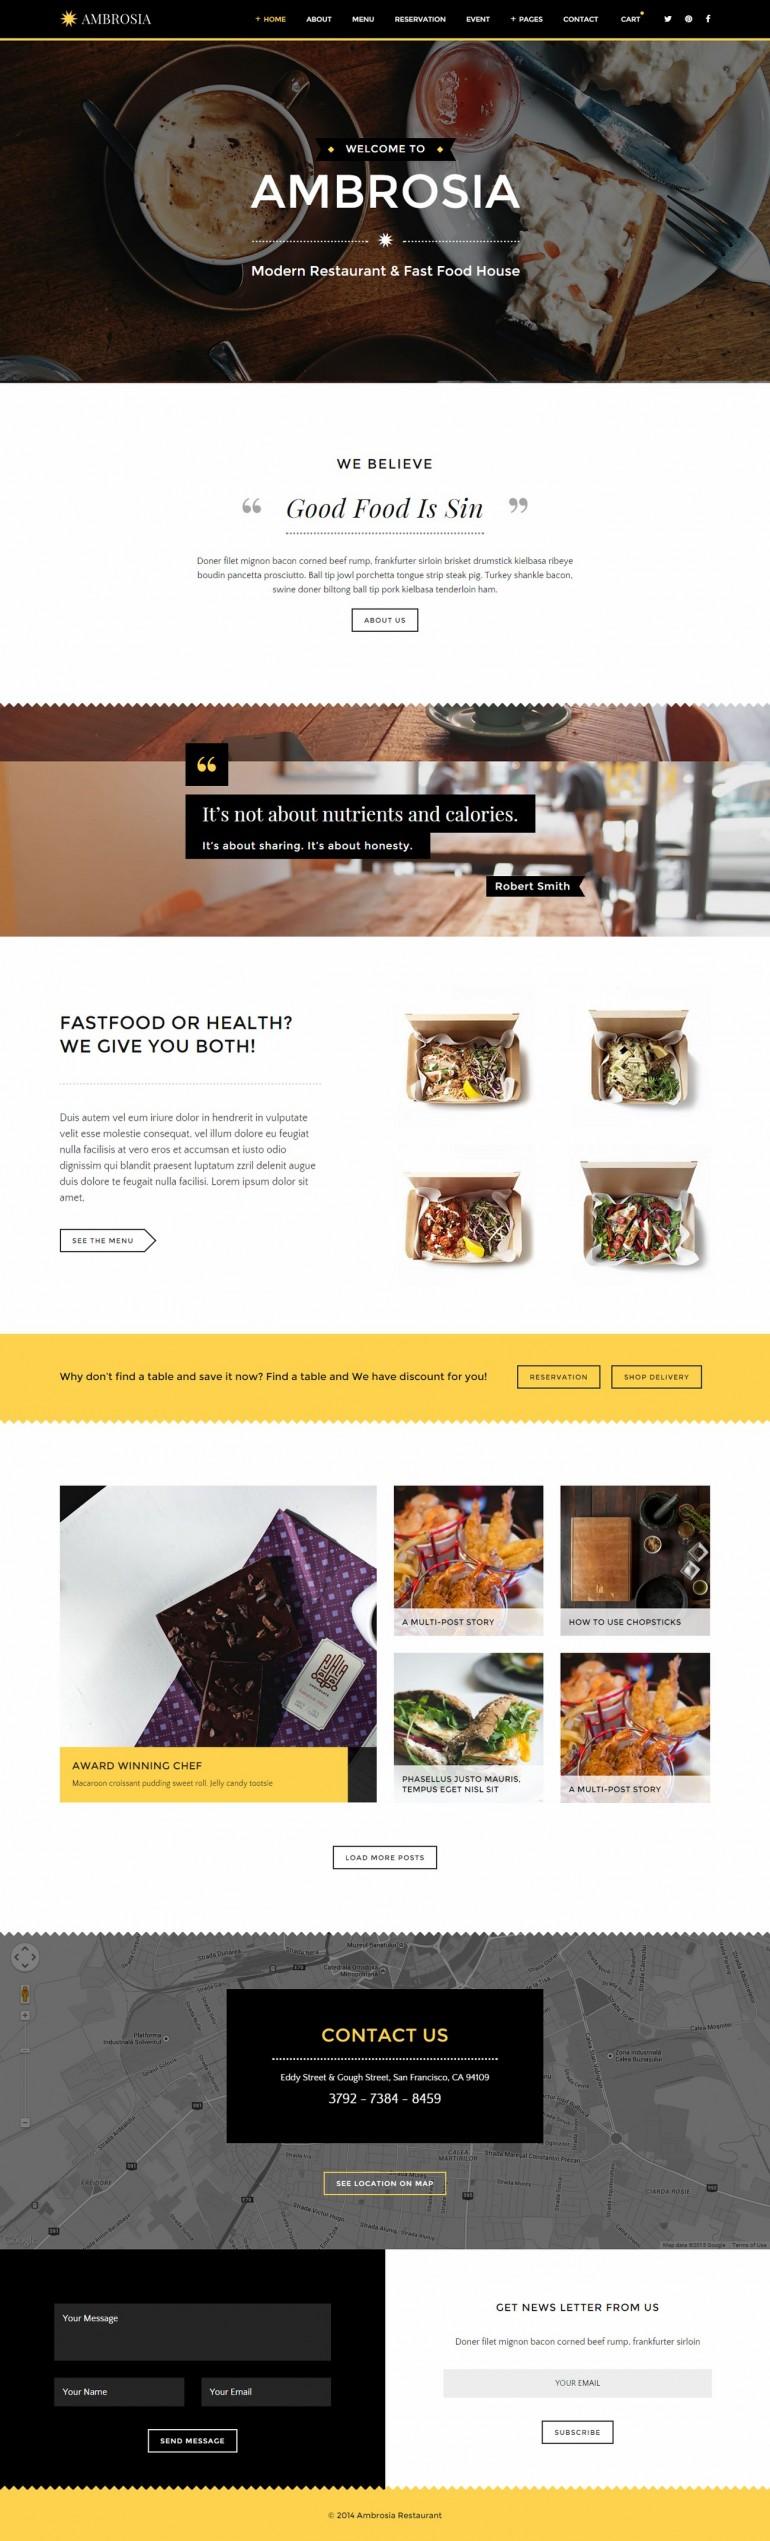 Ambrosia – Creative Restaurant